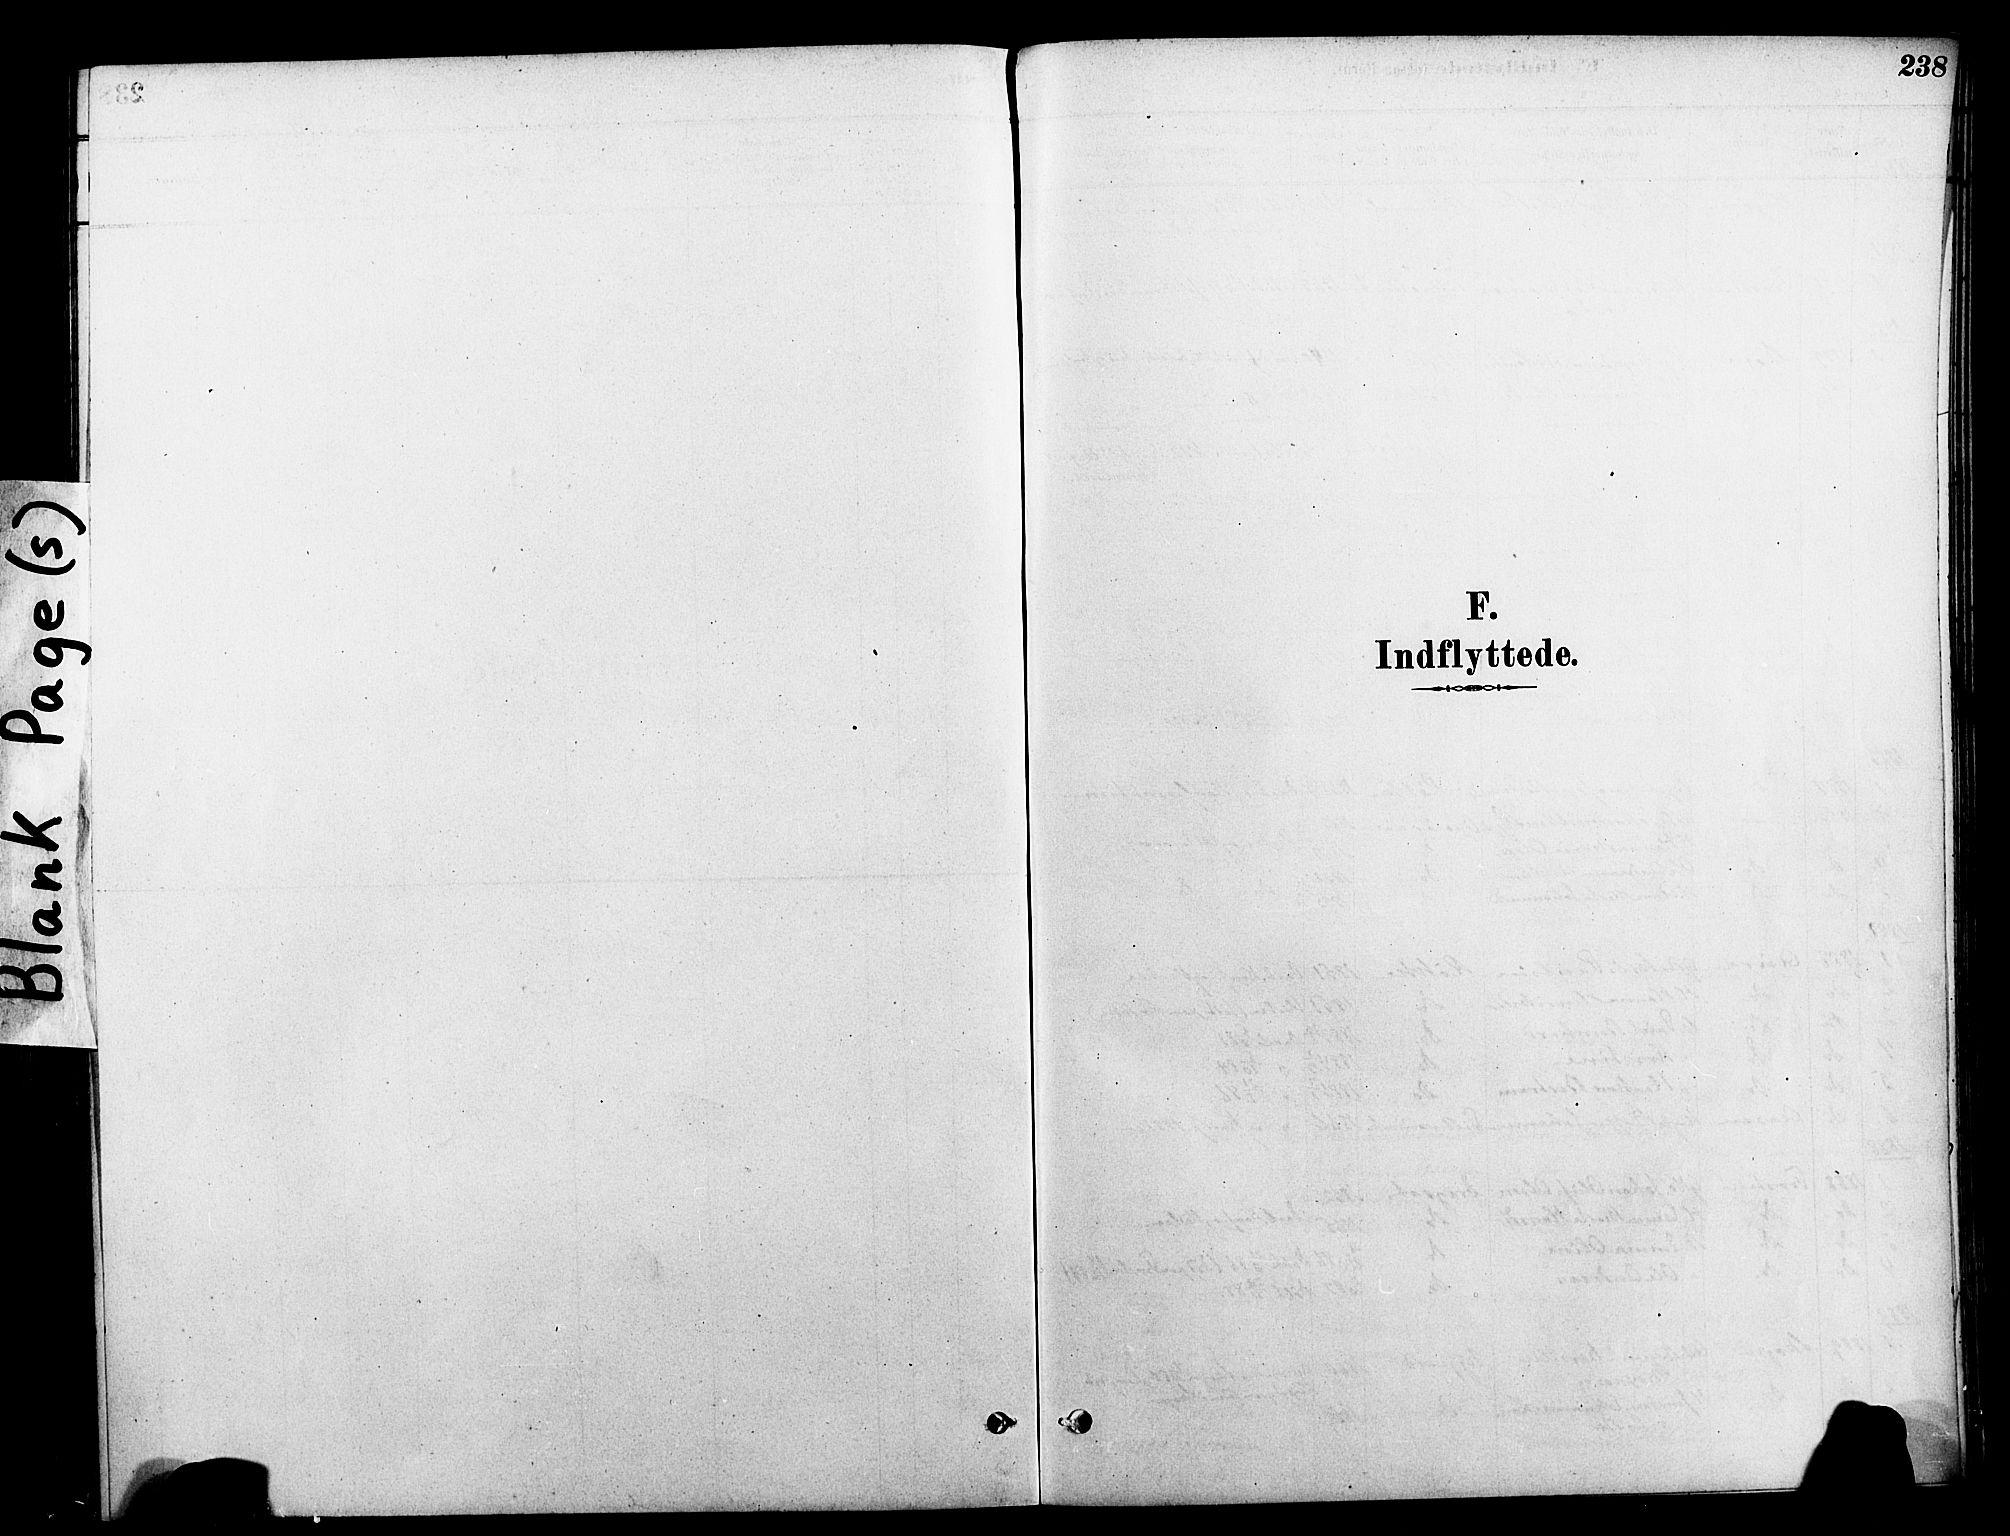 SAT, Ministerialprotokoller, klokkerbøker og fødselsregistre - Nord-Trøndelag, 712/L0100: Ministerialbok nr. 712A01, 1880-1900, s. 238